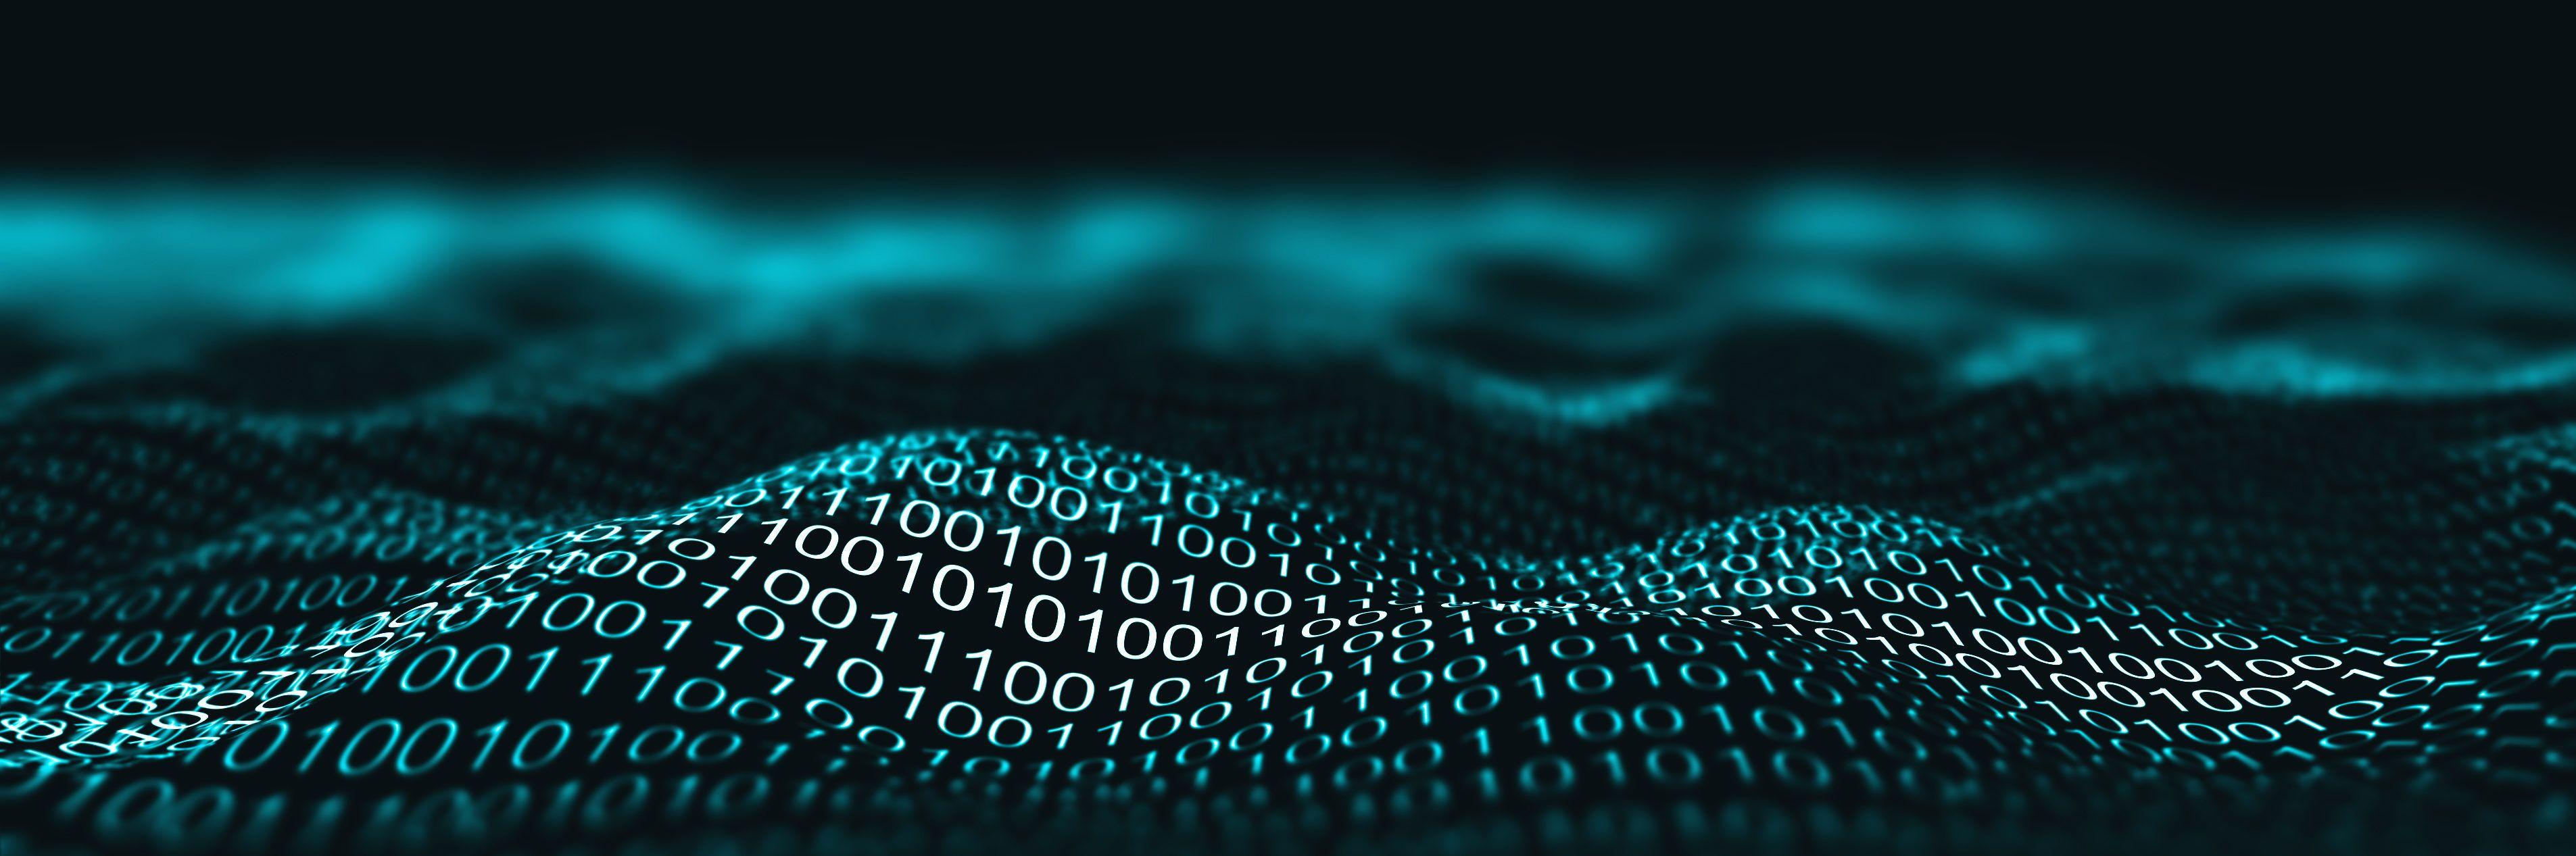 data analytics, analysis, anomaly detection, big data, monitoring